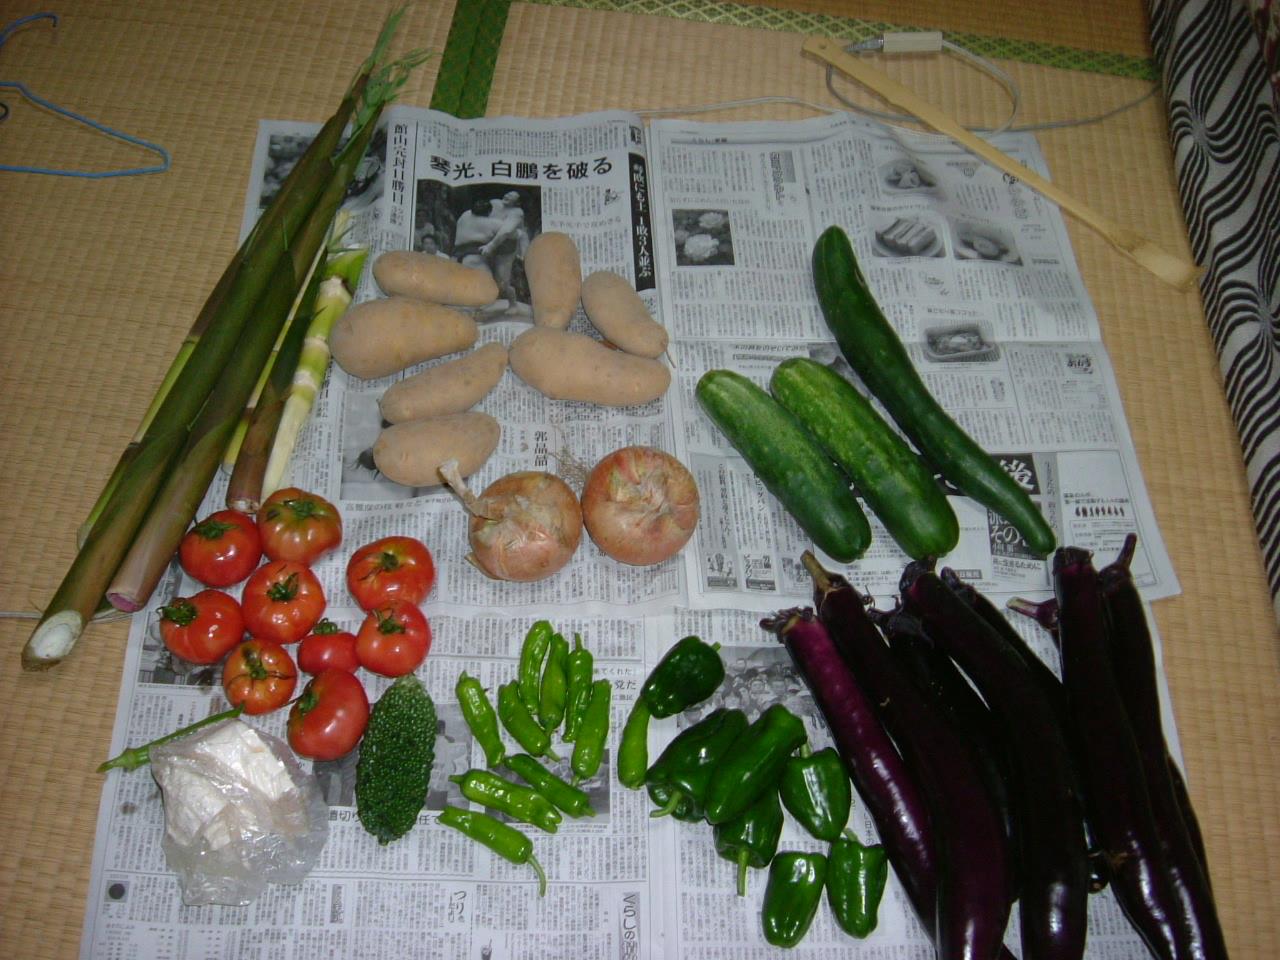 もらってきた野菜たち